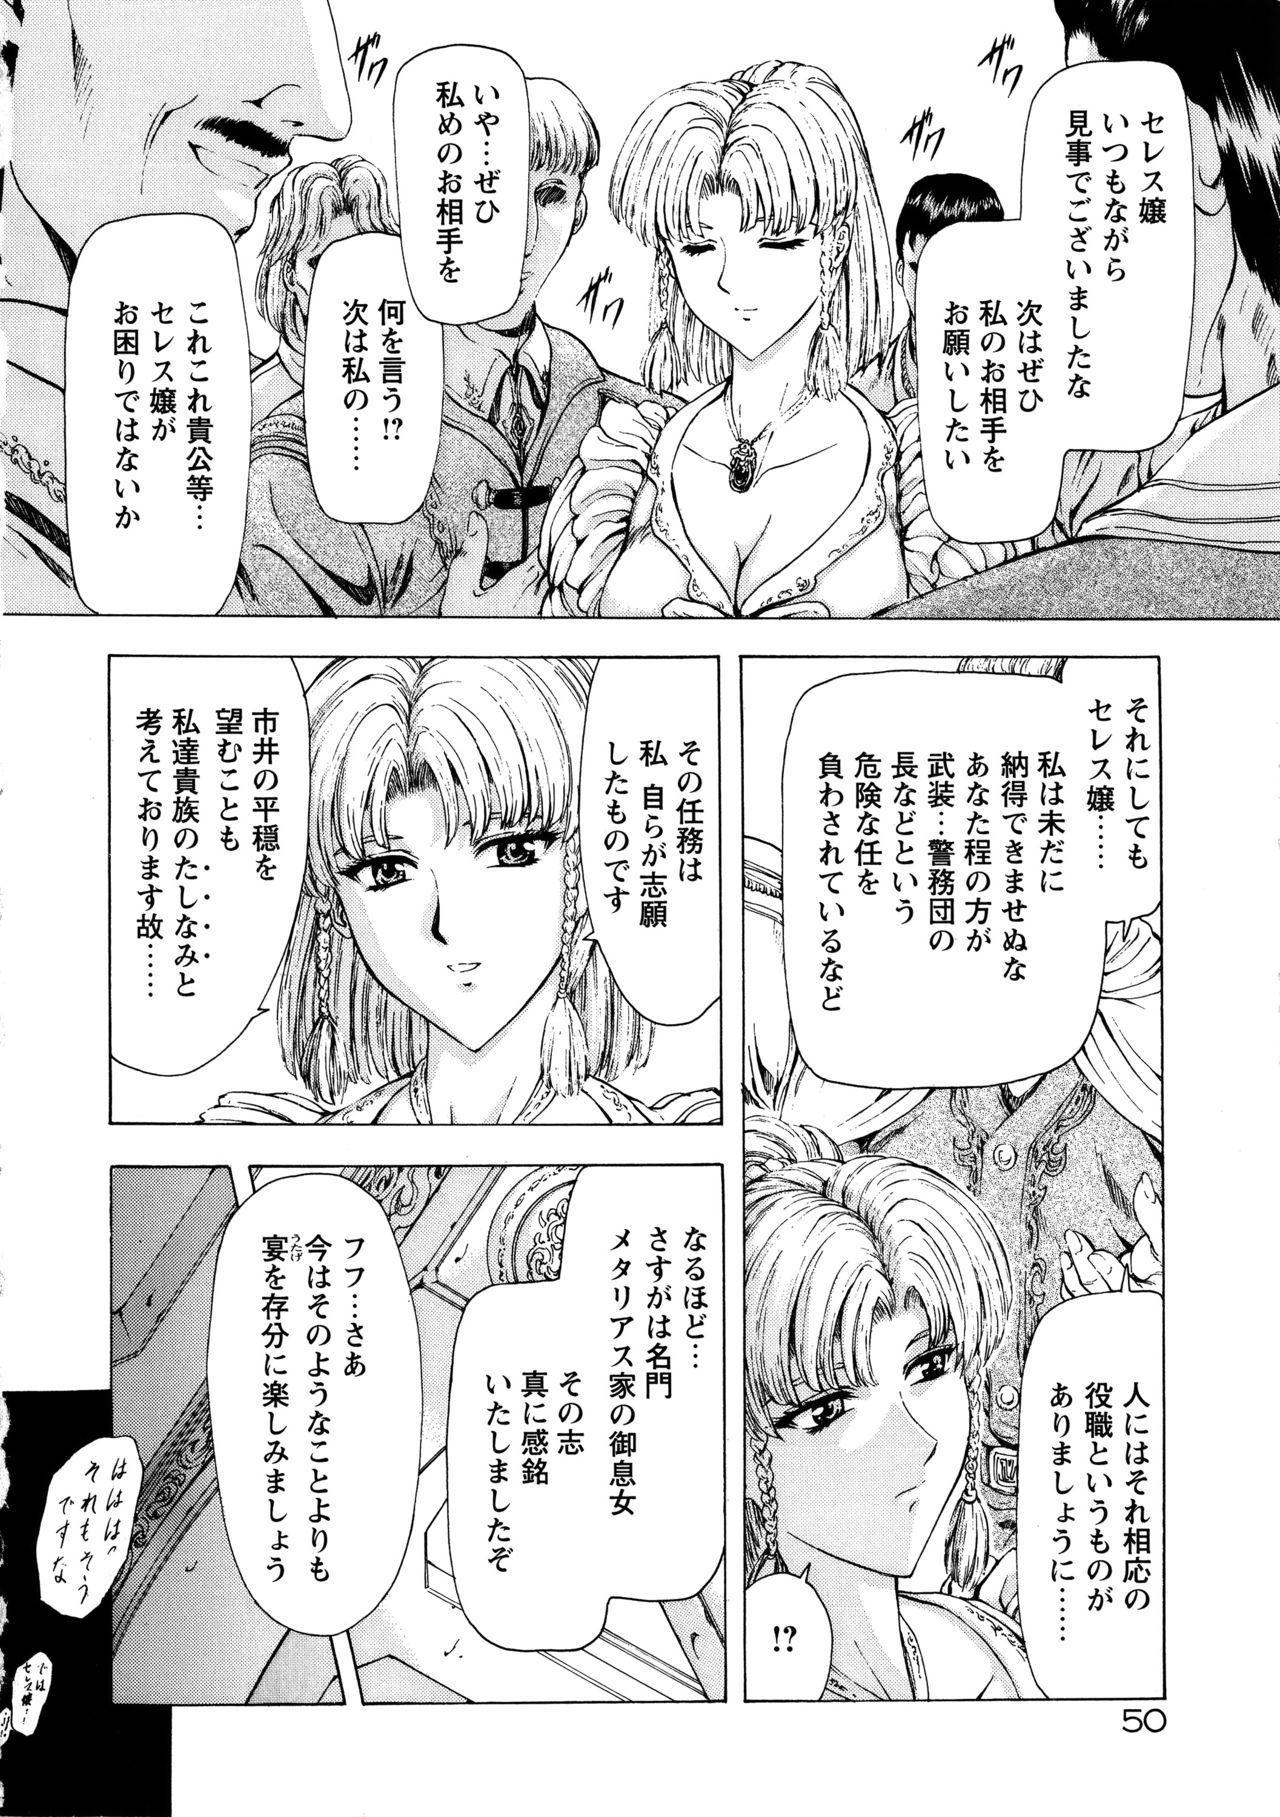 Ginryuu no Reimei Vol. 1 57